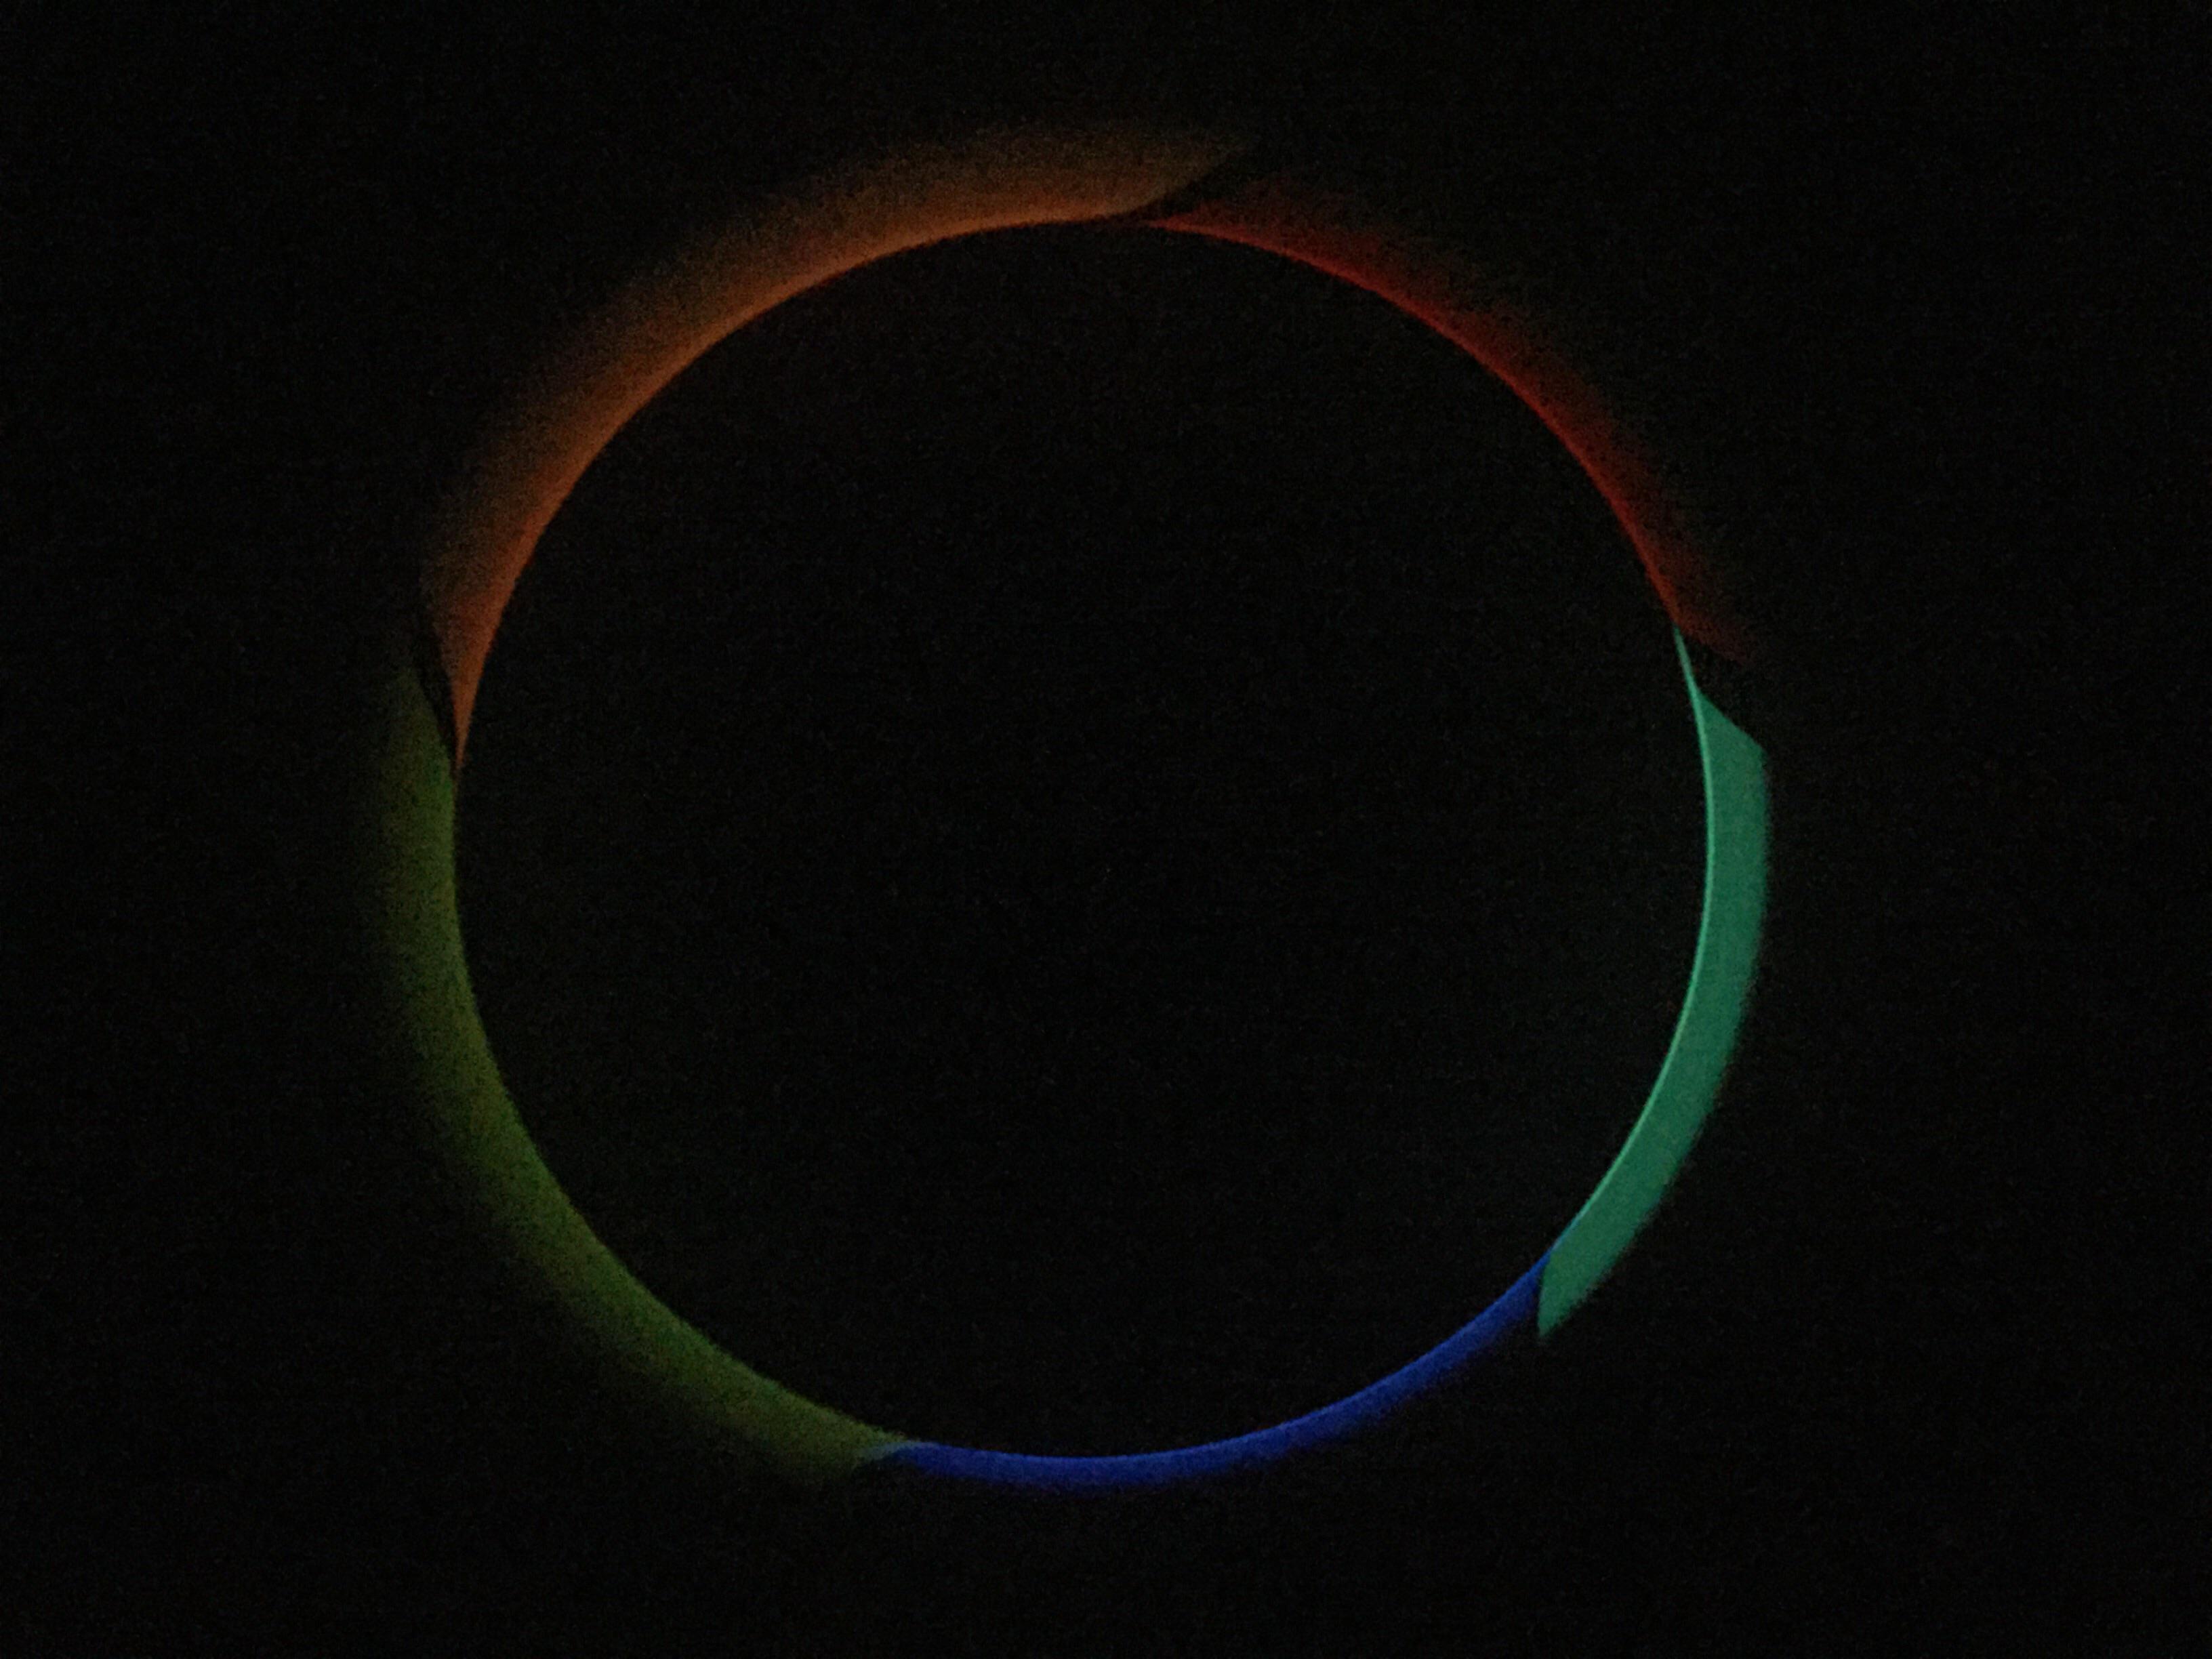 5 Glow Sticks On A Ceiling Fan R